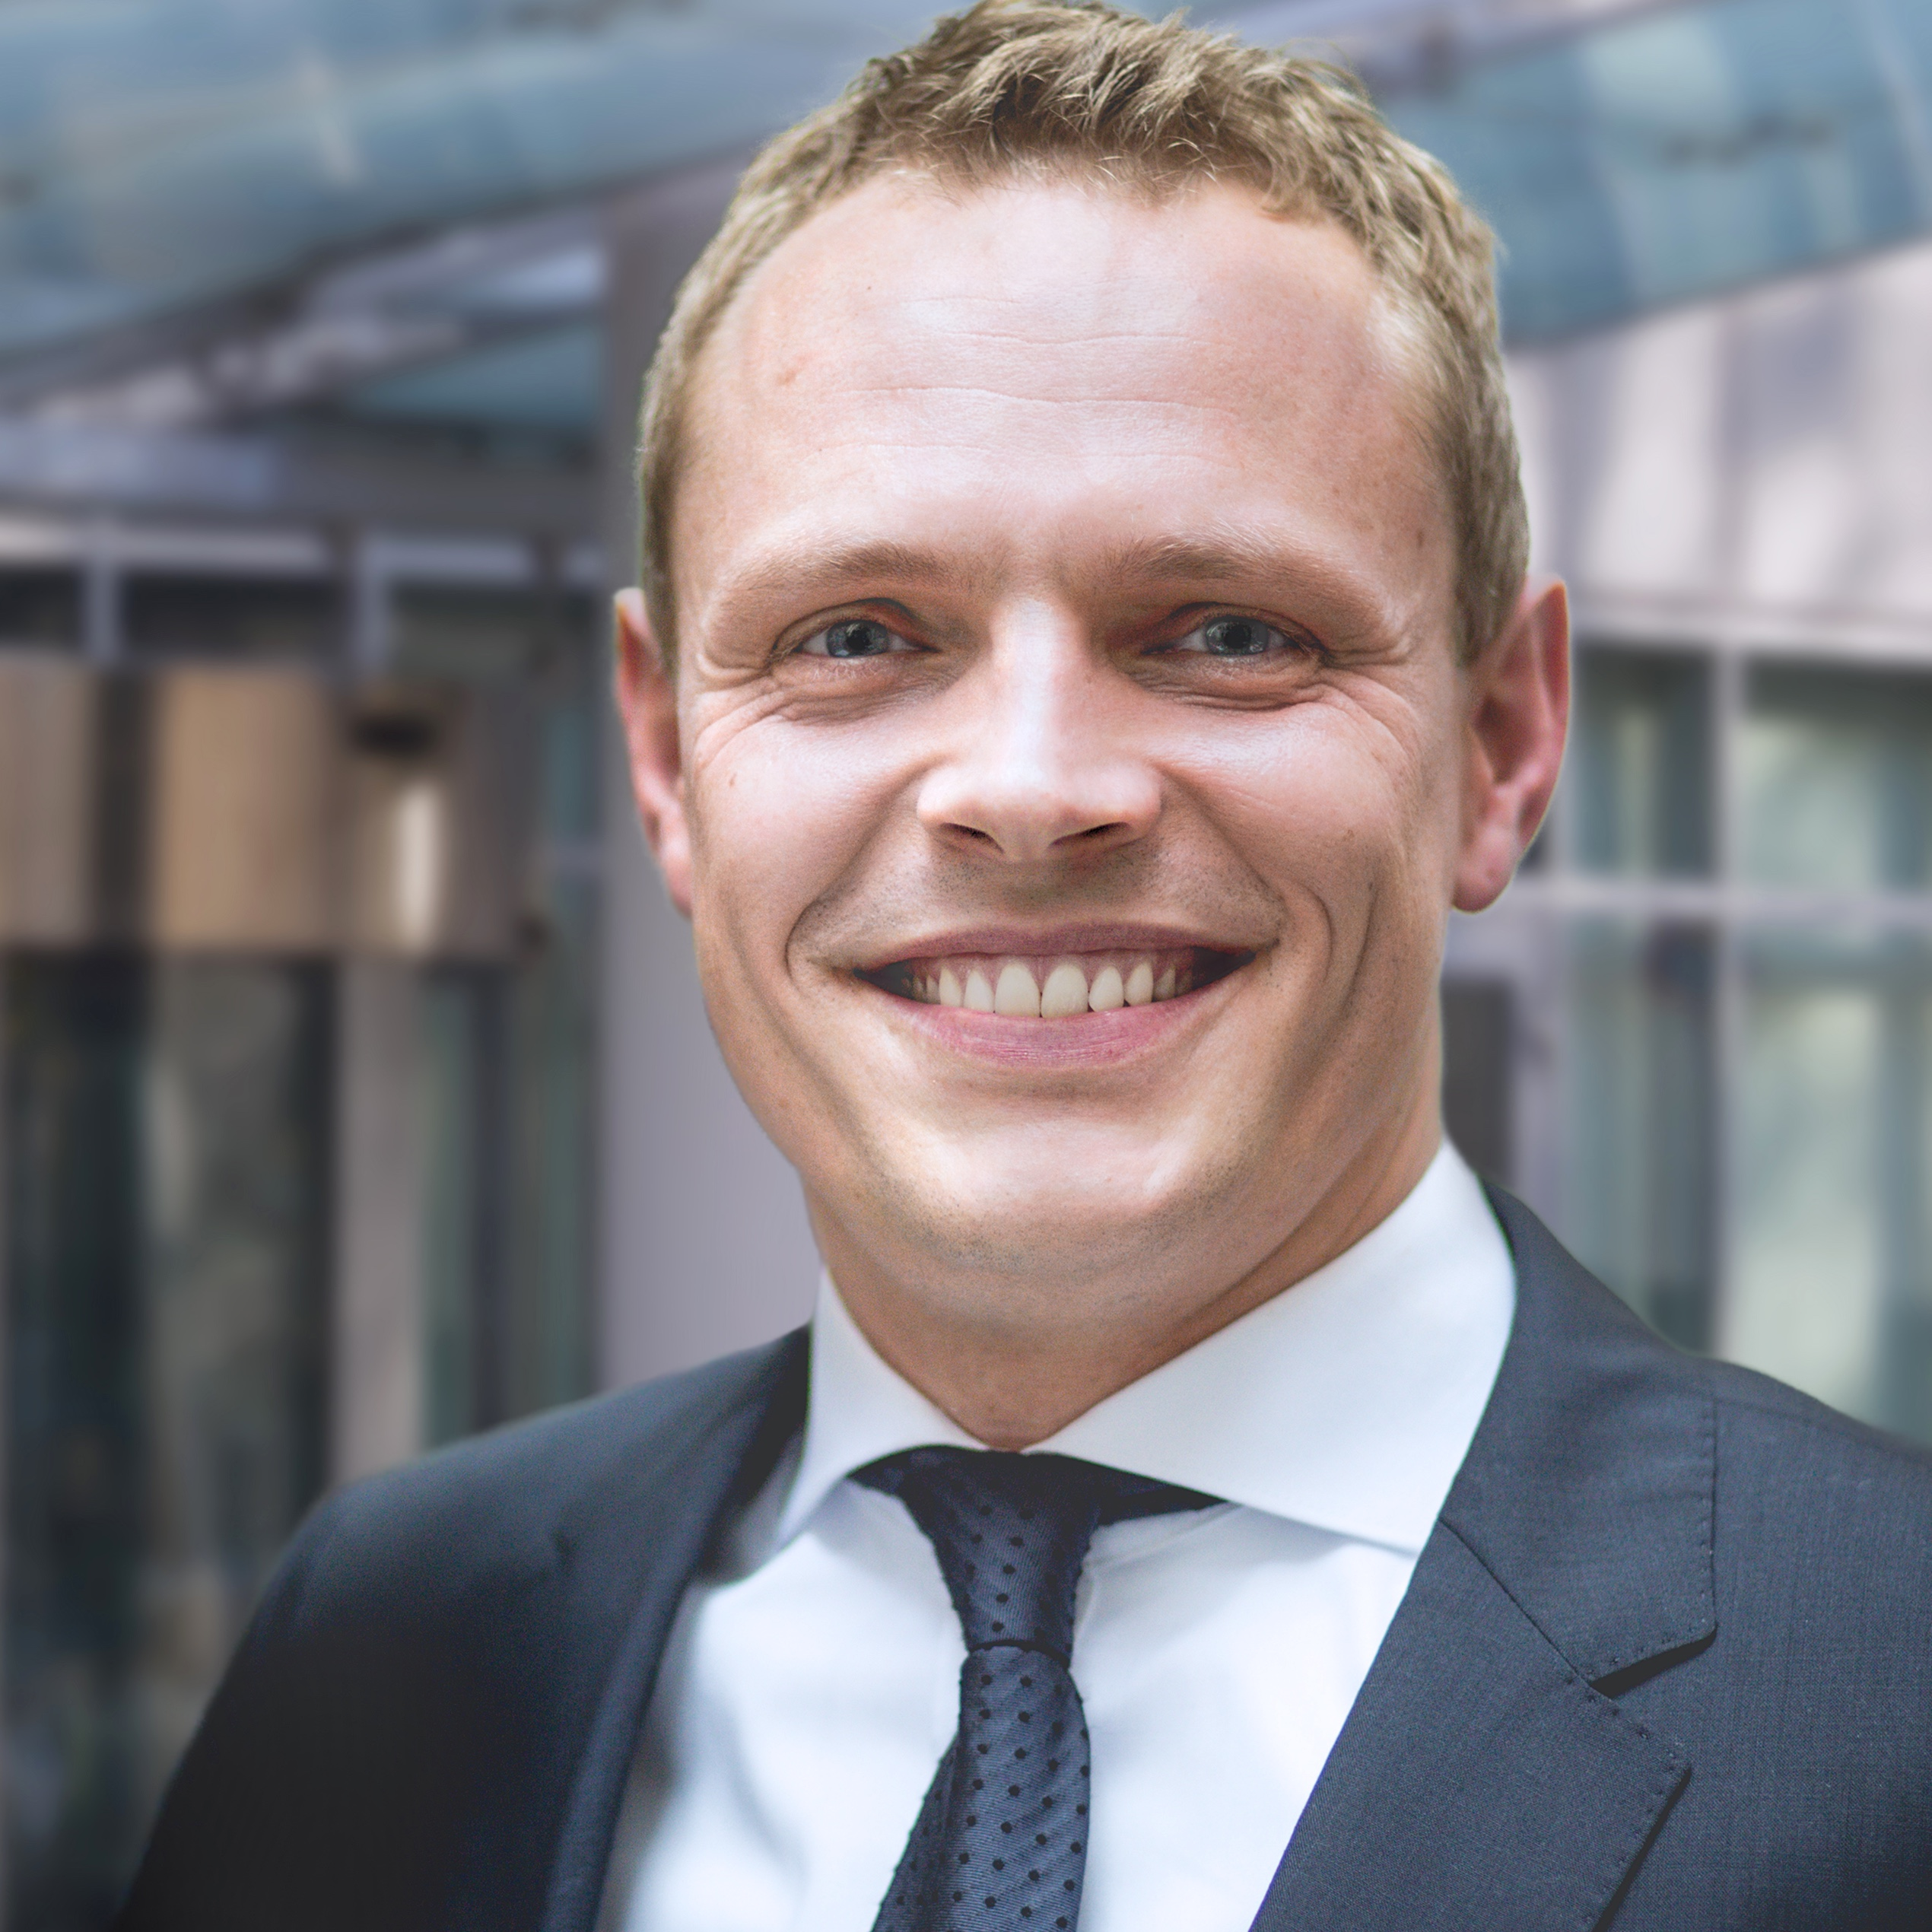 Roul Radeke - Gastbeitrag bei Roman Kmenta - Unternehmer und Keynote Speaker